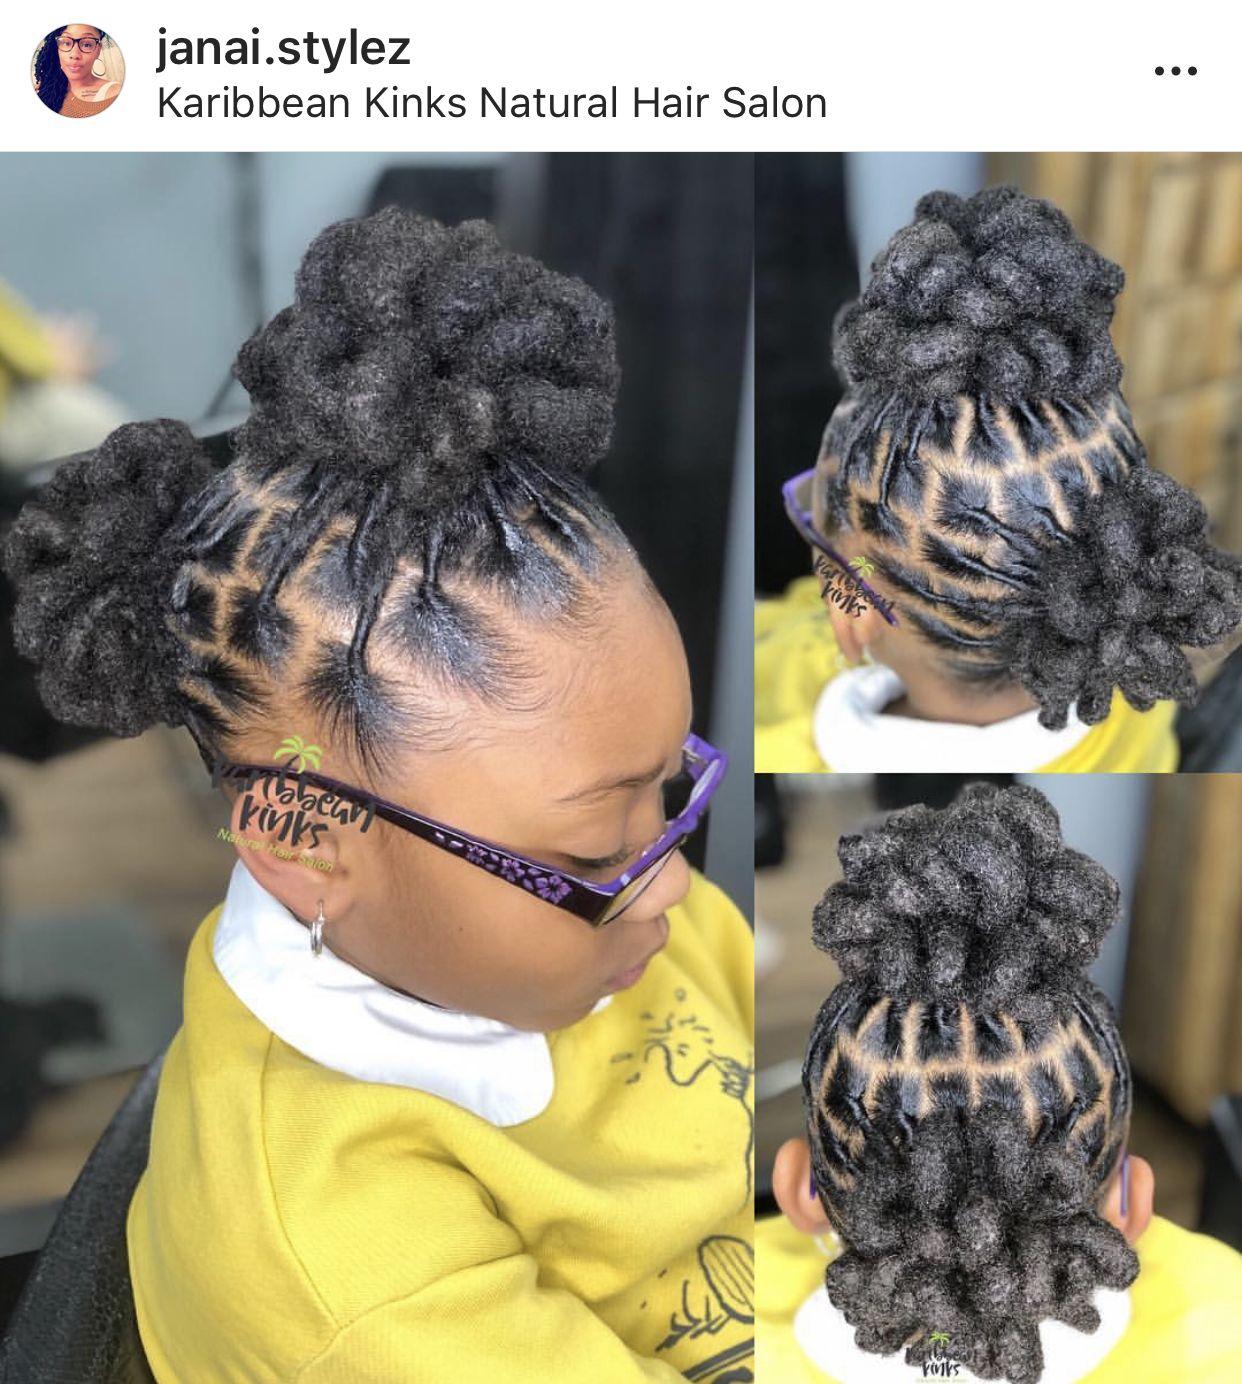 Locs By Janai Stylez At Karribean Kinks Natural Hair Salon Maryland Natural Hair Styles Short Locs Hairstyles Lil Girl Hairstyles